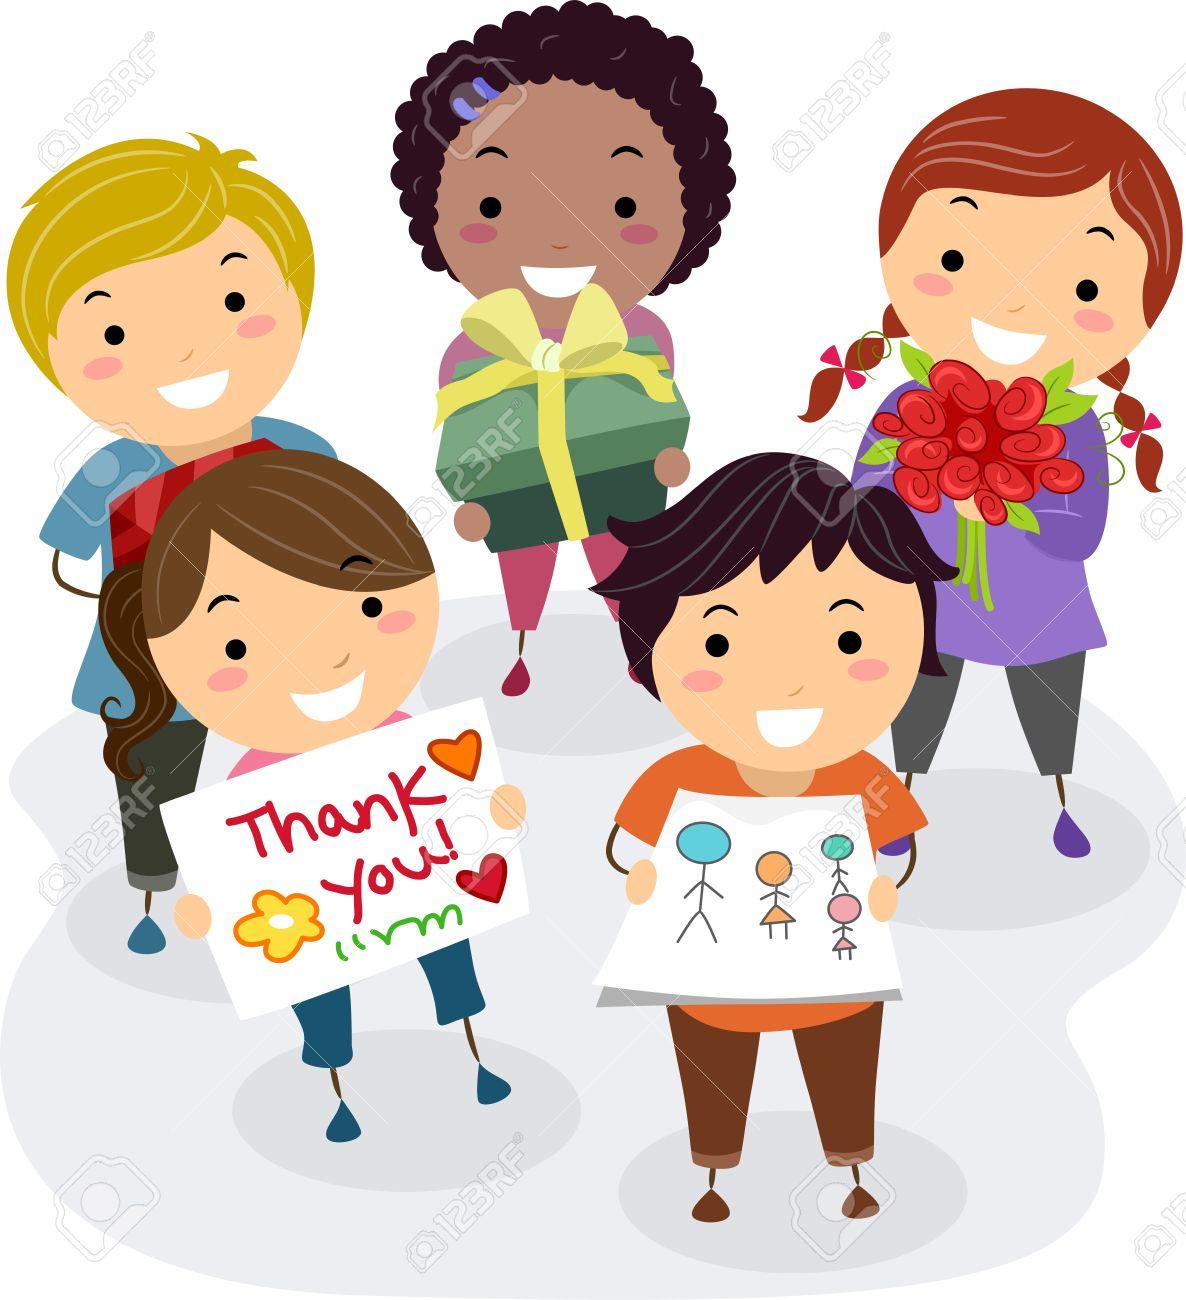 17430221-Ilustraci-n-de-los-ni-os-Presentaci-n-de-regalos-flores-y-tarjetas-de-Gracias-como-un-regalo-para-su-Foto-de-archivo